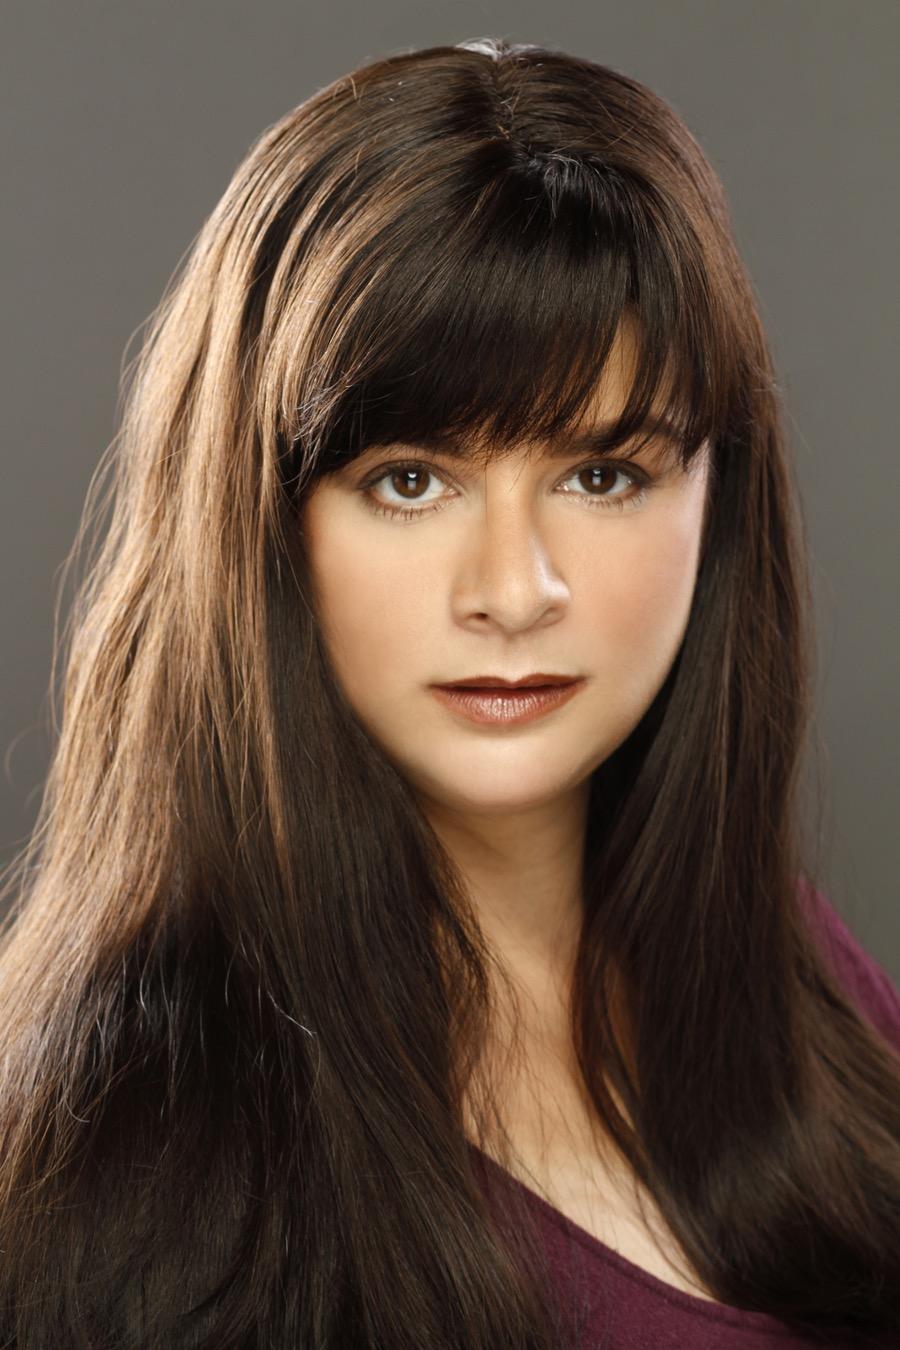 Acting Headshot by Cheryl Gorski